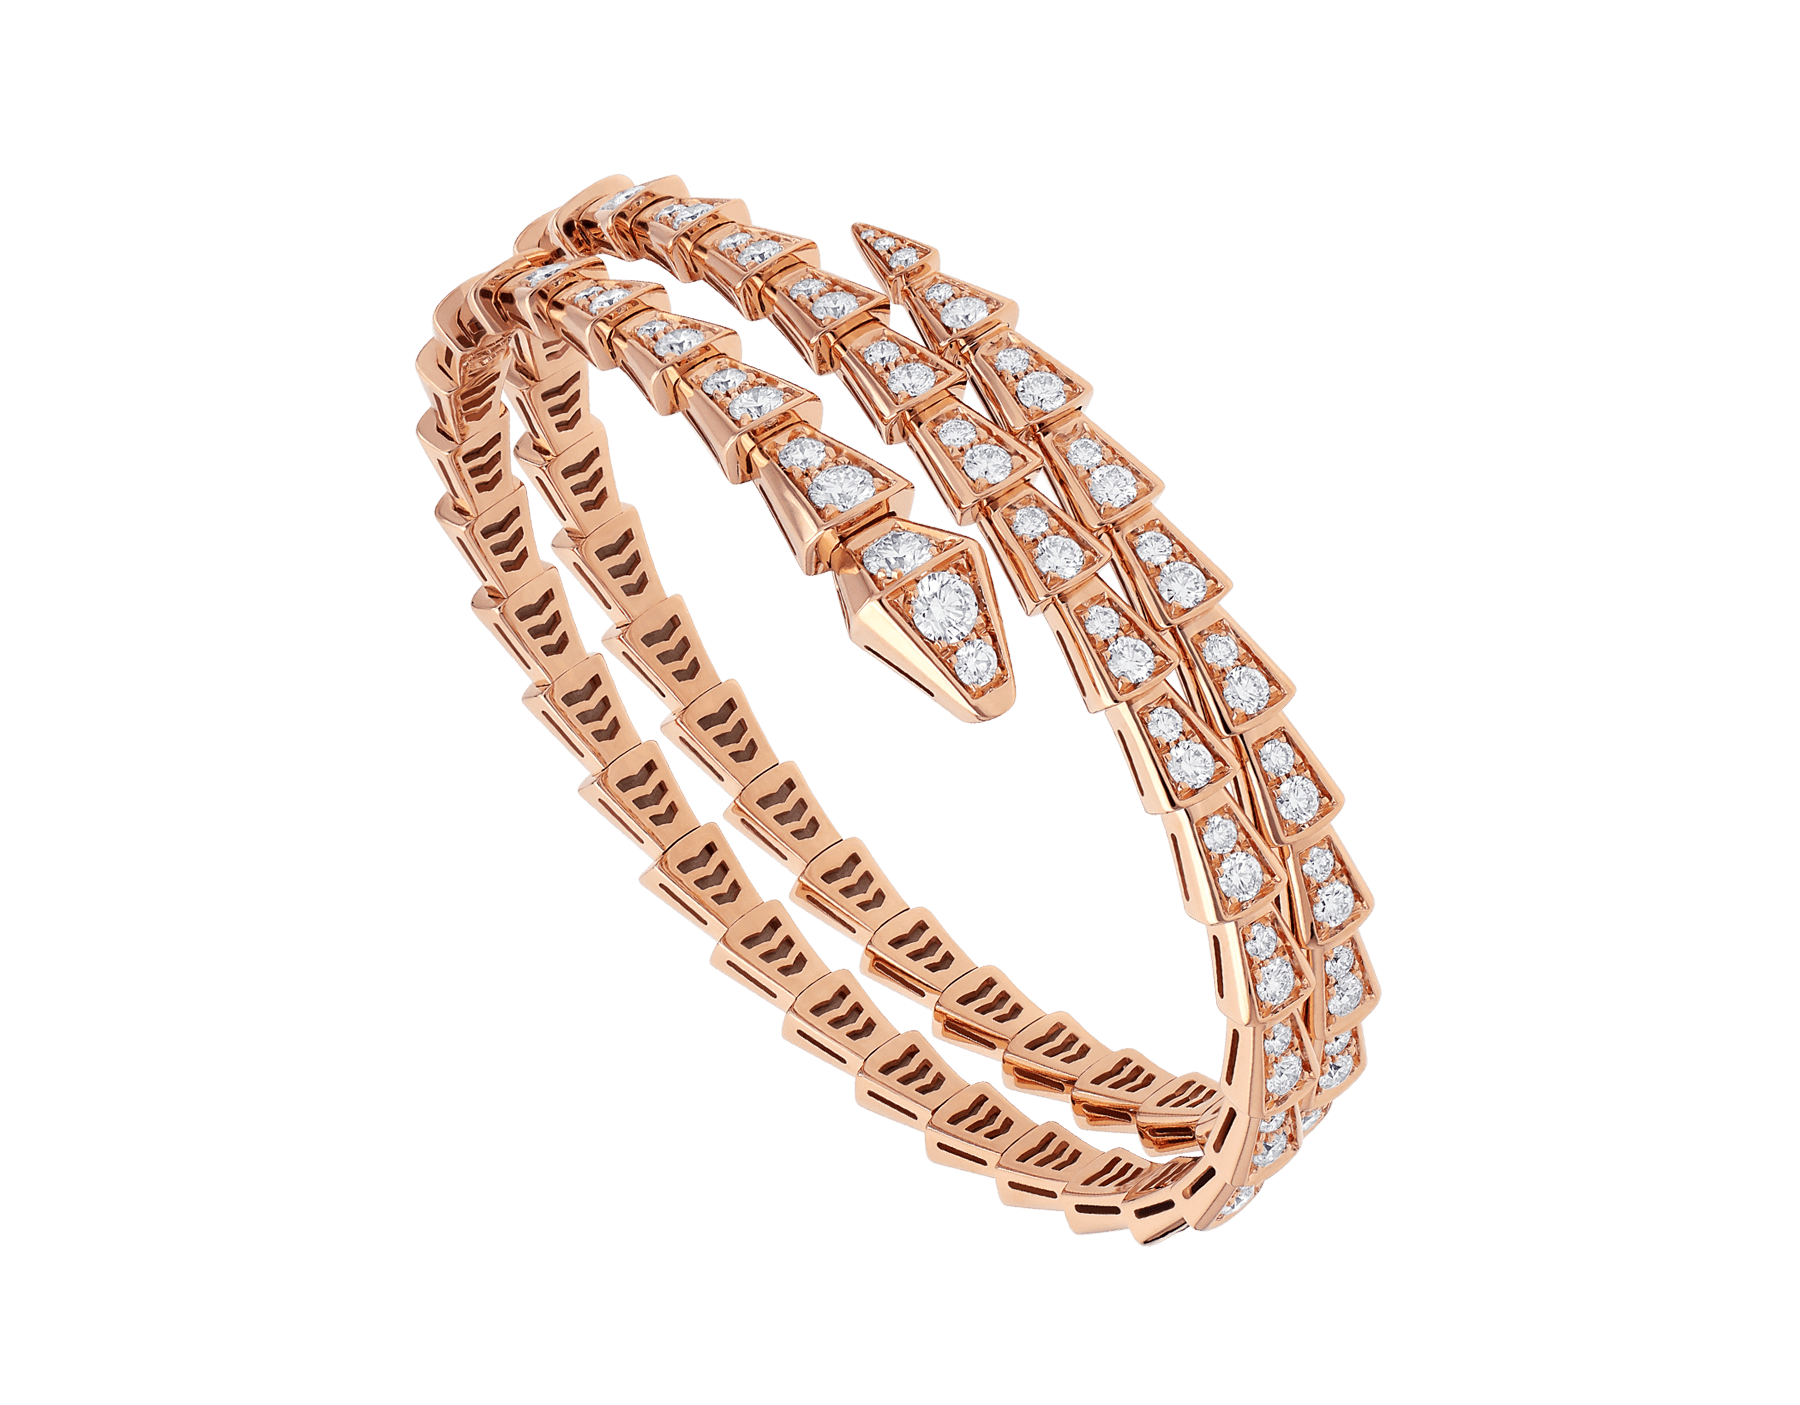 Bracciale Serpenti Viper a doppia spirale in oro rosa 18 kt con pavé di diamanti. BR858796 image 1